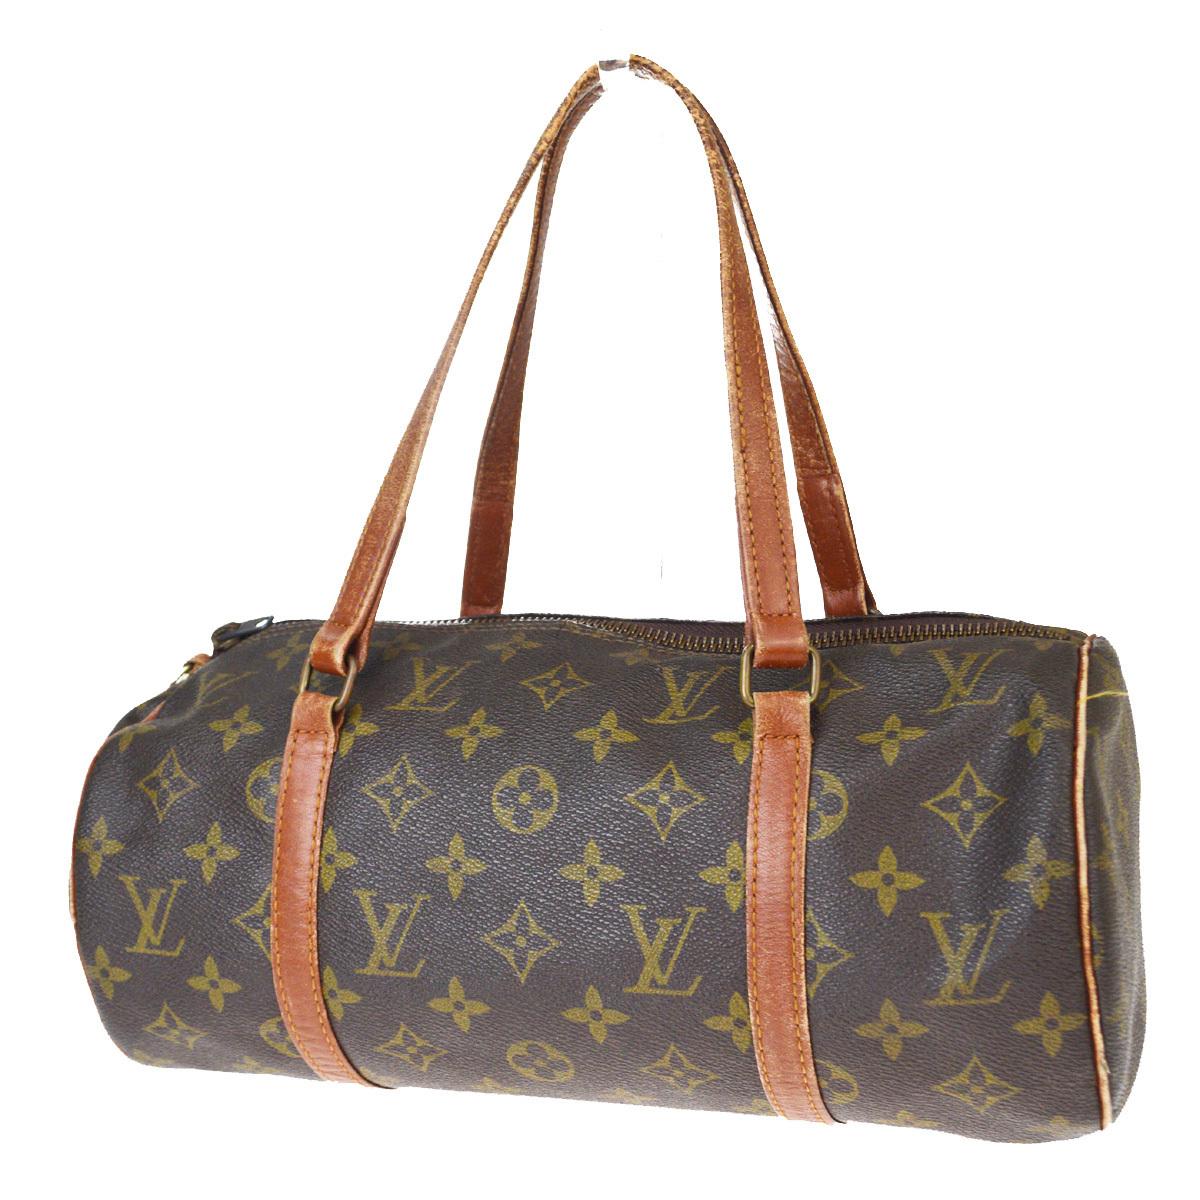 【中古】 ルイ・ヴィトン(Louis Vuitton) モノグラム M51385 パピヨン 30 ハンドバッグ 08GB542